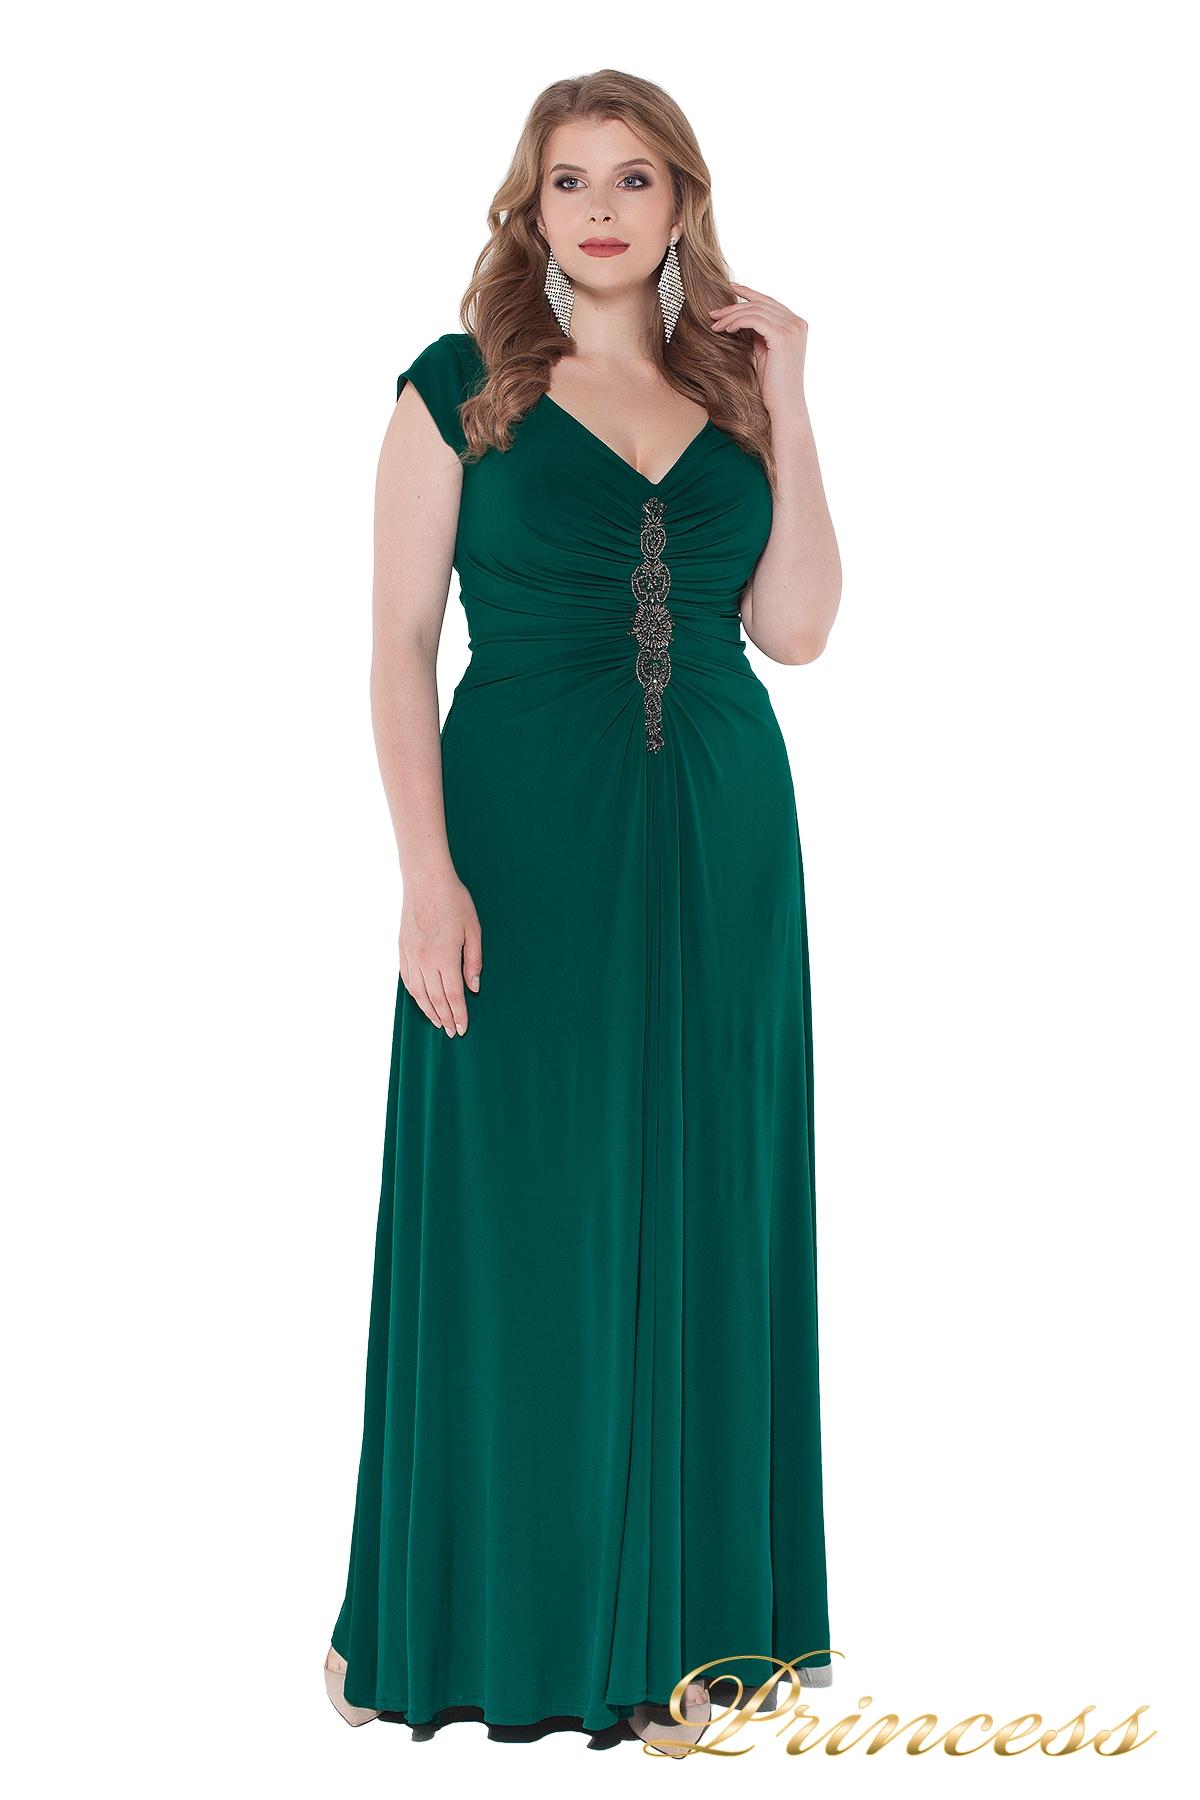 4287c64a453 Купить вечернее платье 826 green зеленого цвета по цене 39500 руб. в ...